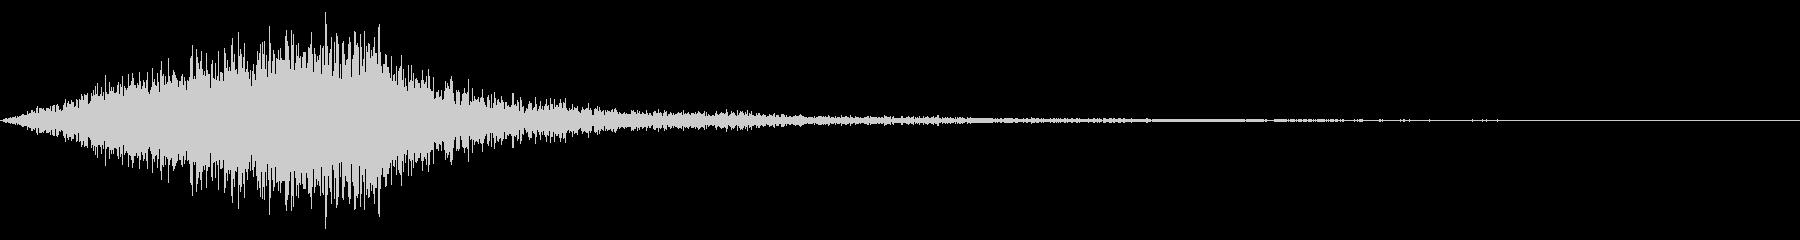 ホラー系アタック音31の未再生の波形